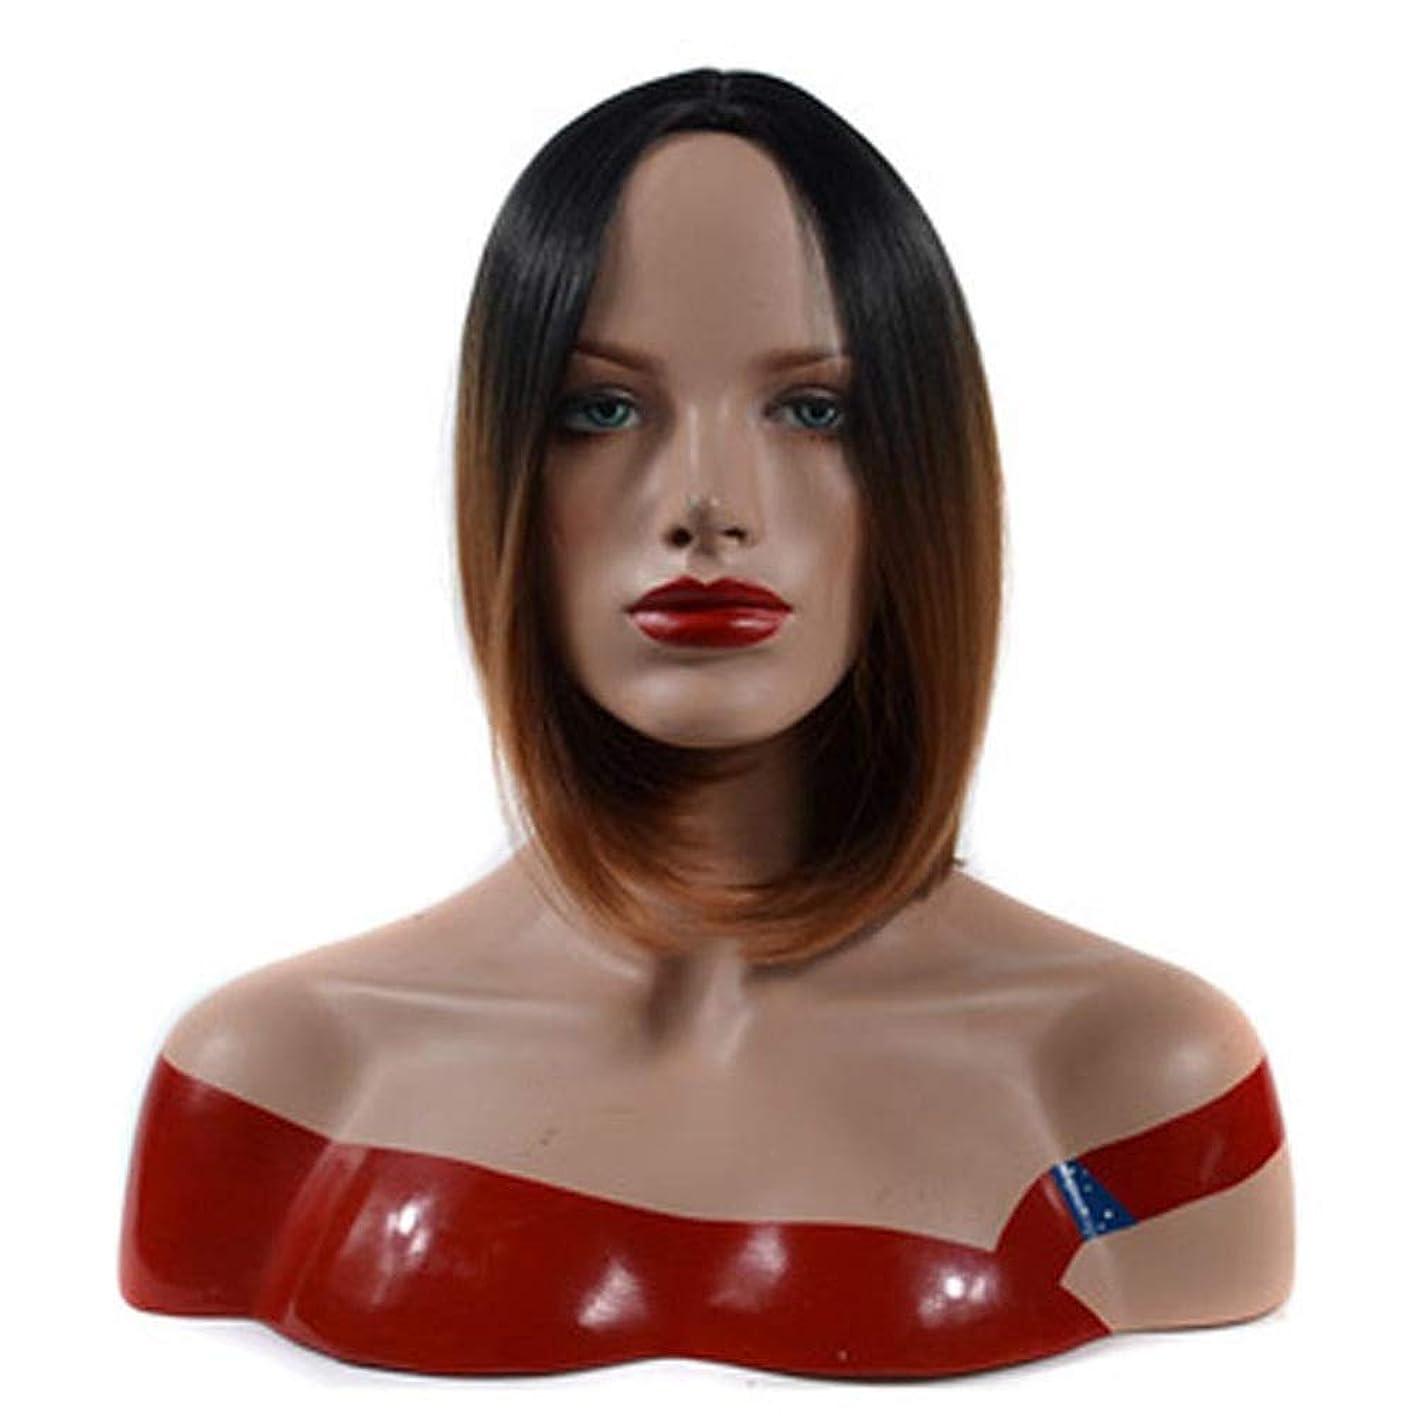 考慮時系列大使館HOHYLLYA 黒髪ルートライトブラウンショートストレートヘアボブウィッグコスプレパーティードレスパーティーウィッグ (色 : 淡い茶色, サイズ : 30cm)